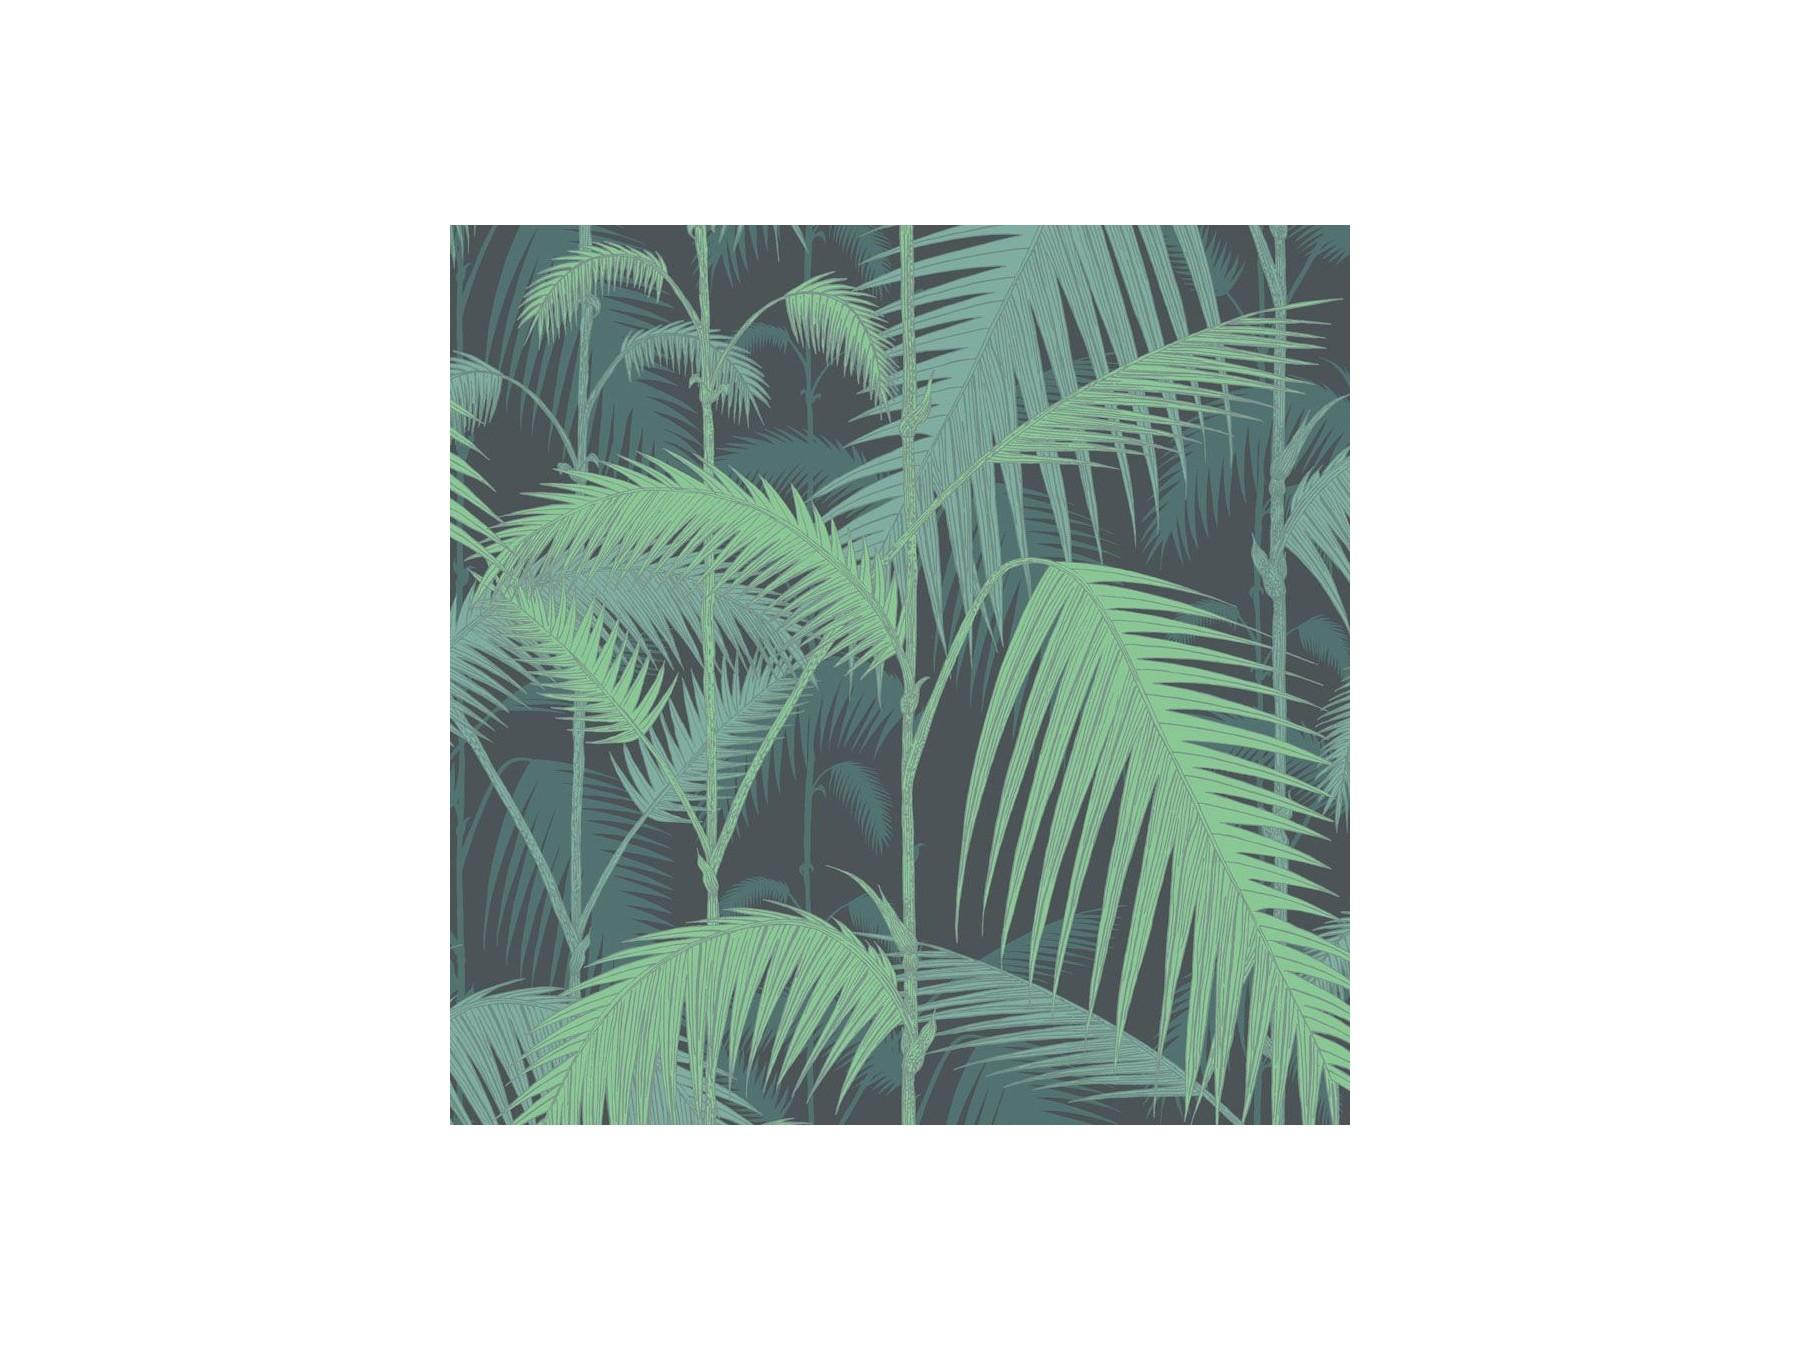 Hummingbirds Wallpaper - Palm Tree Print - HD Wallpaper